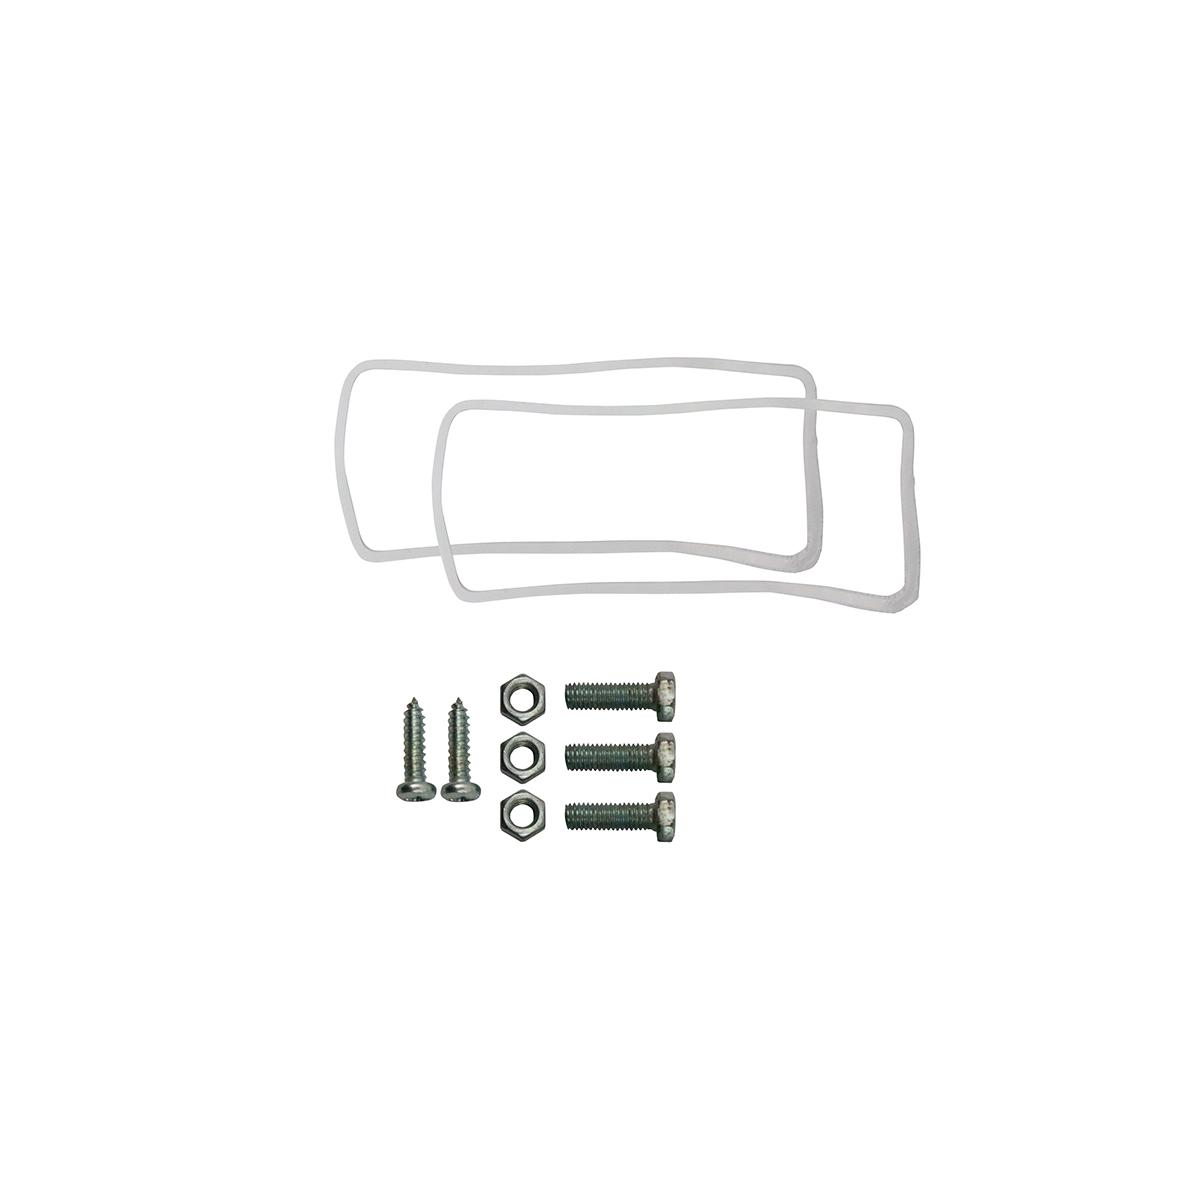 LANTERNA DIANTEIRA PISCA VW DELIVERY 05/ - CRISTAL - DIREITO/ESQUERDO